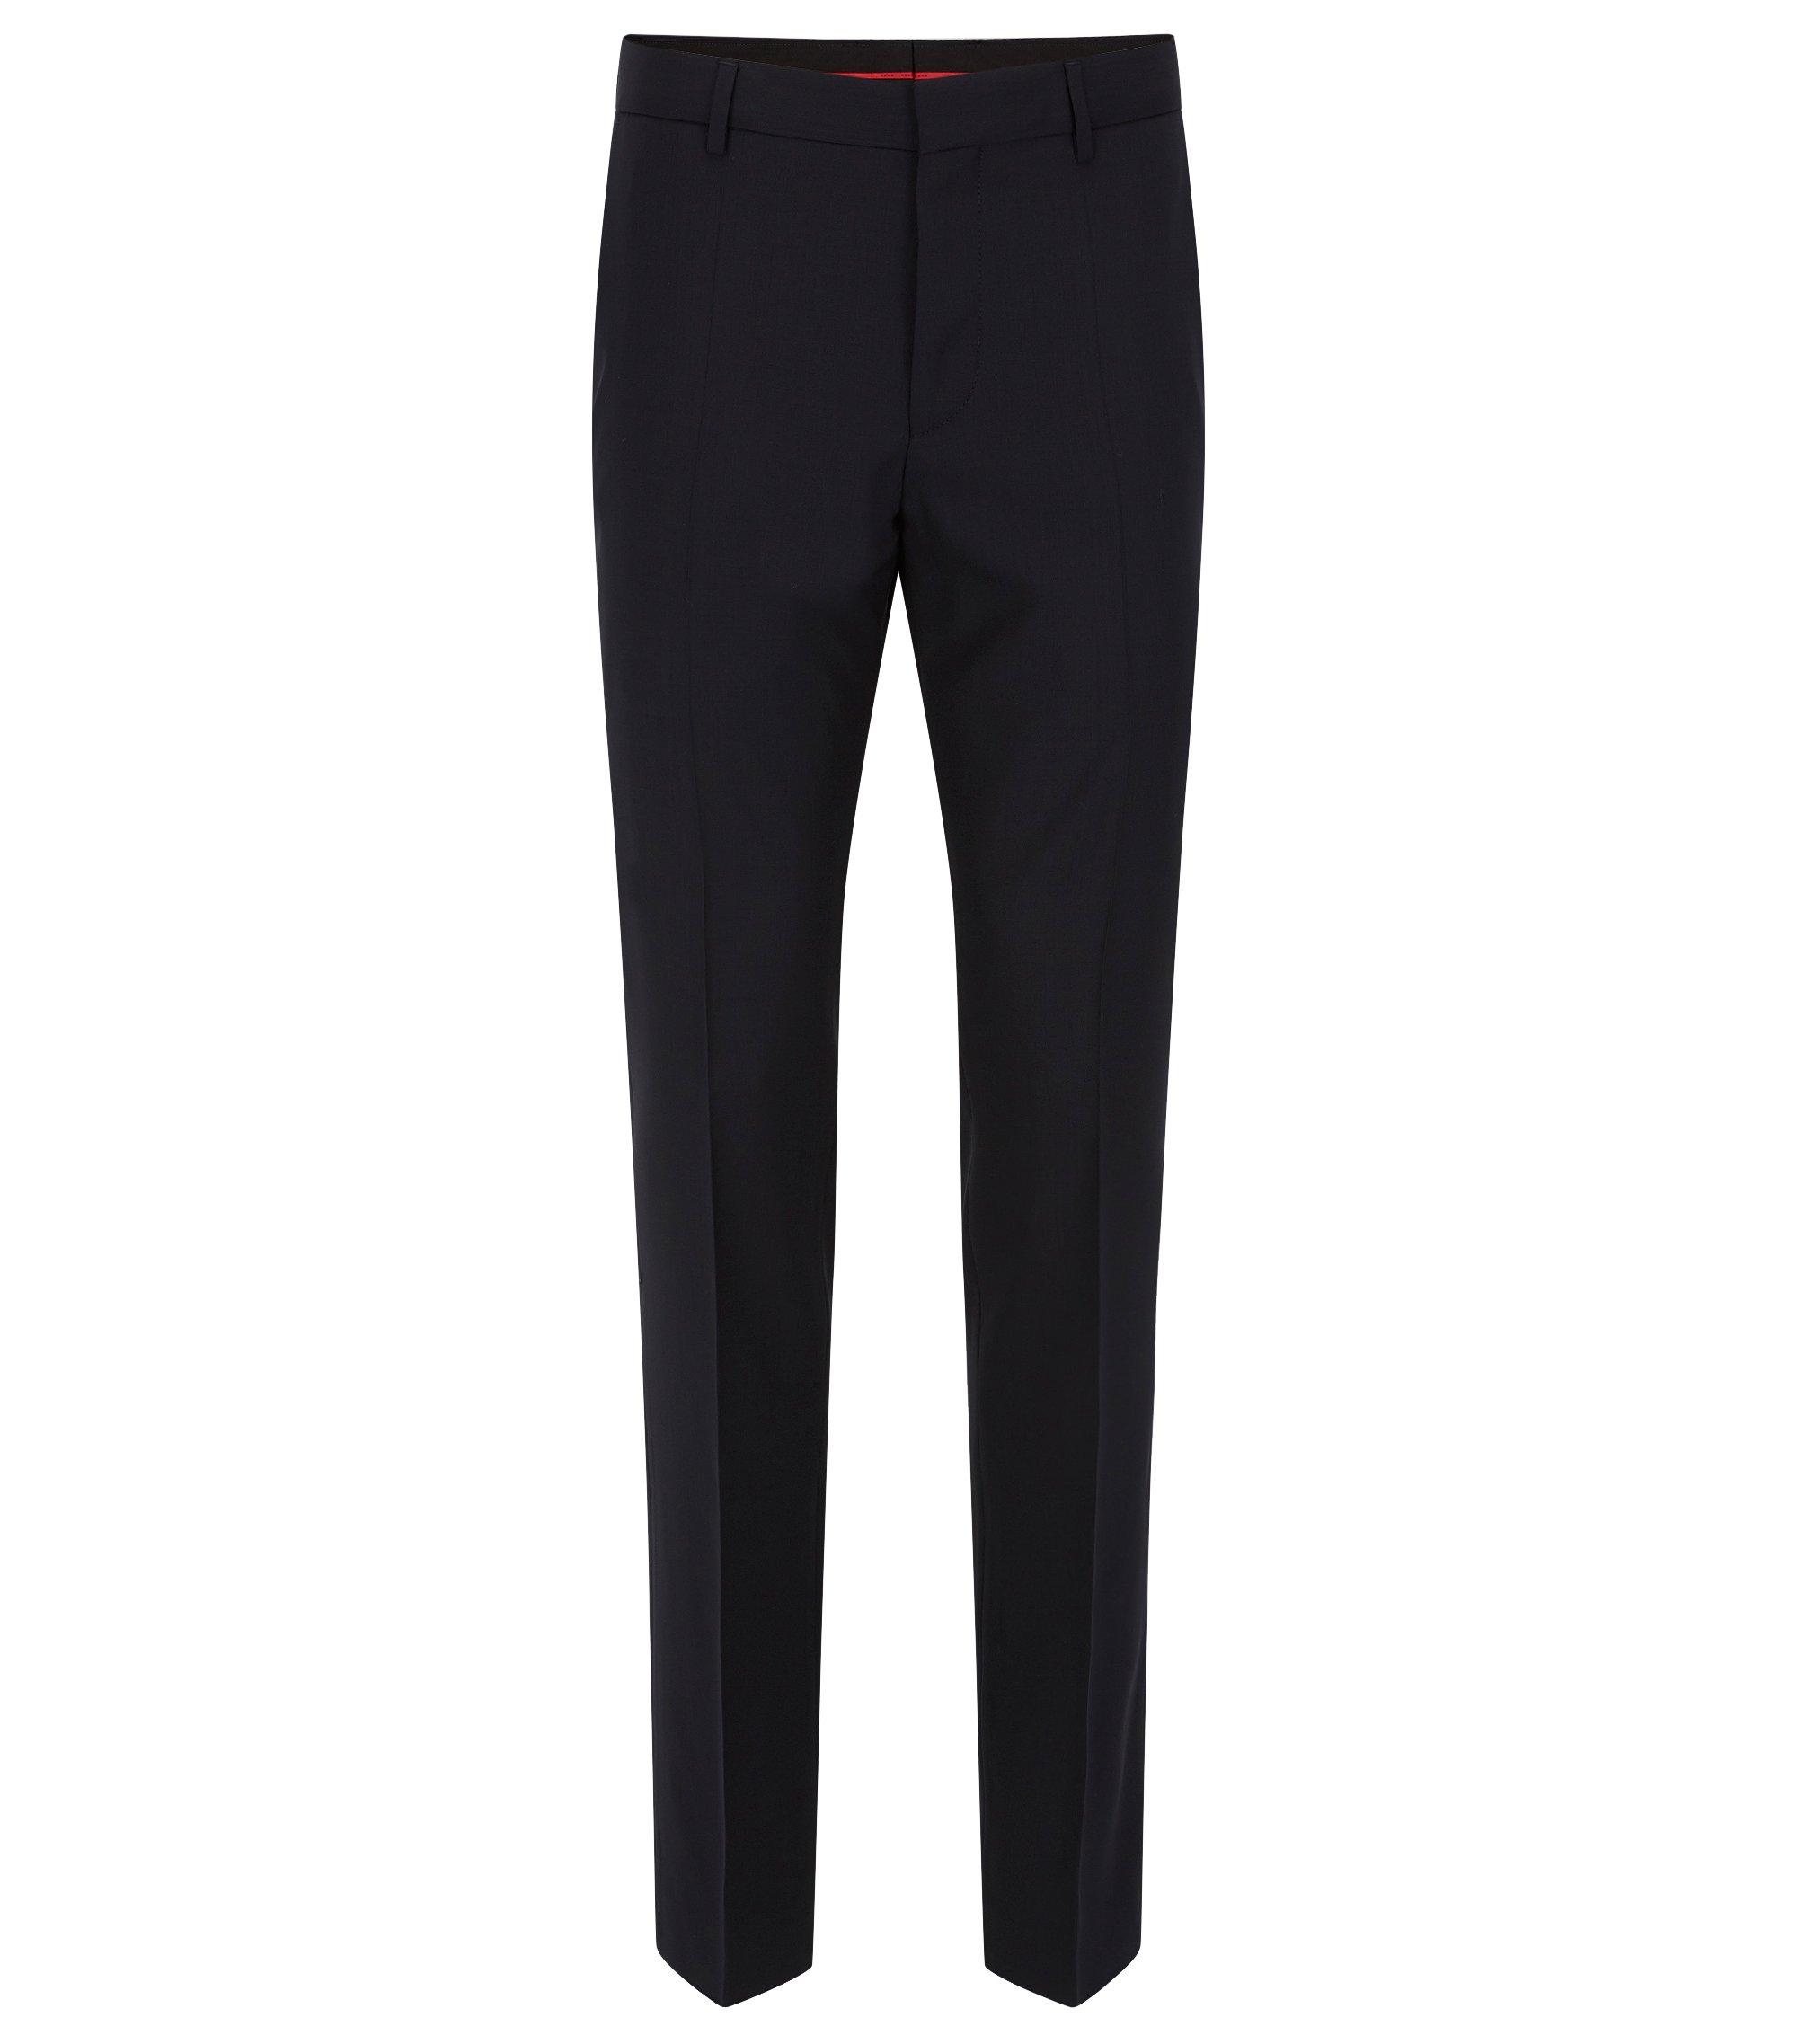 Pantaloni a gamba aderente in lana vergine elasticizzata , Blu scuro